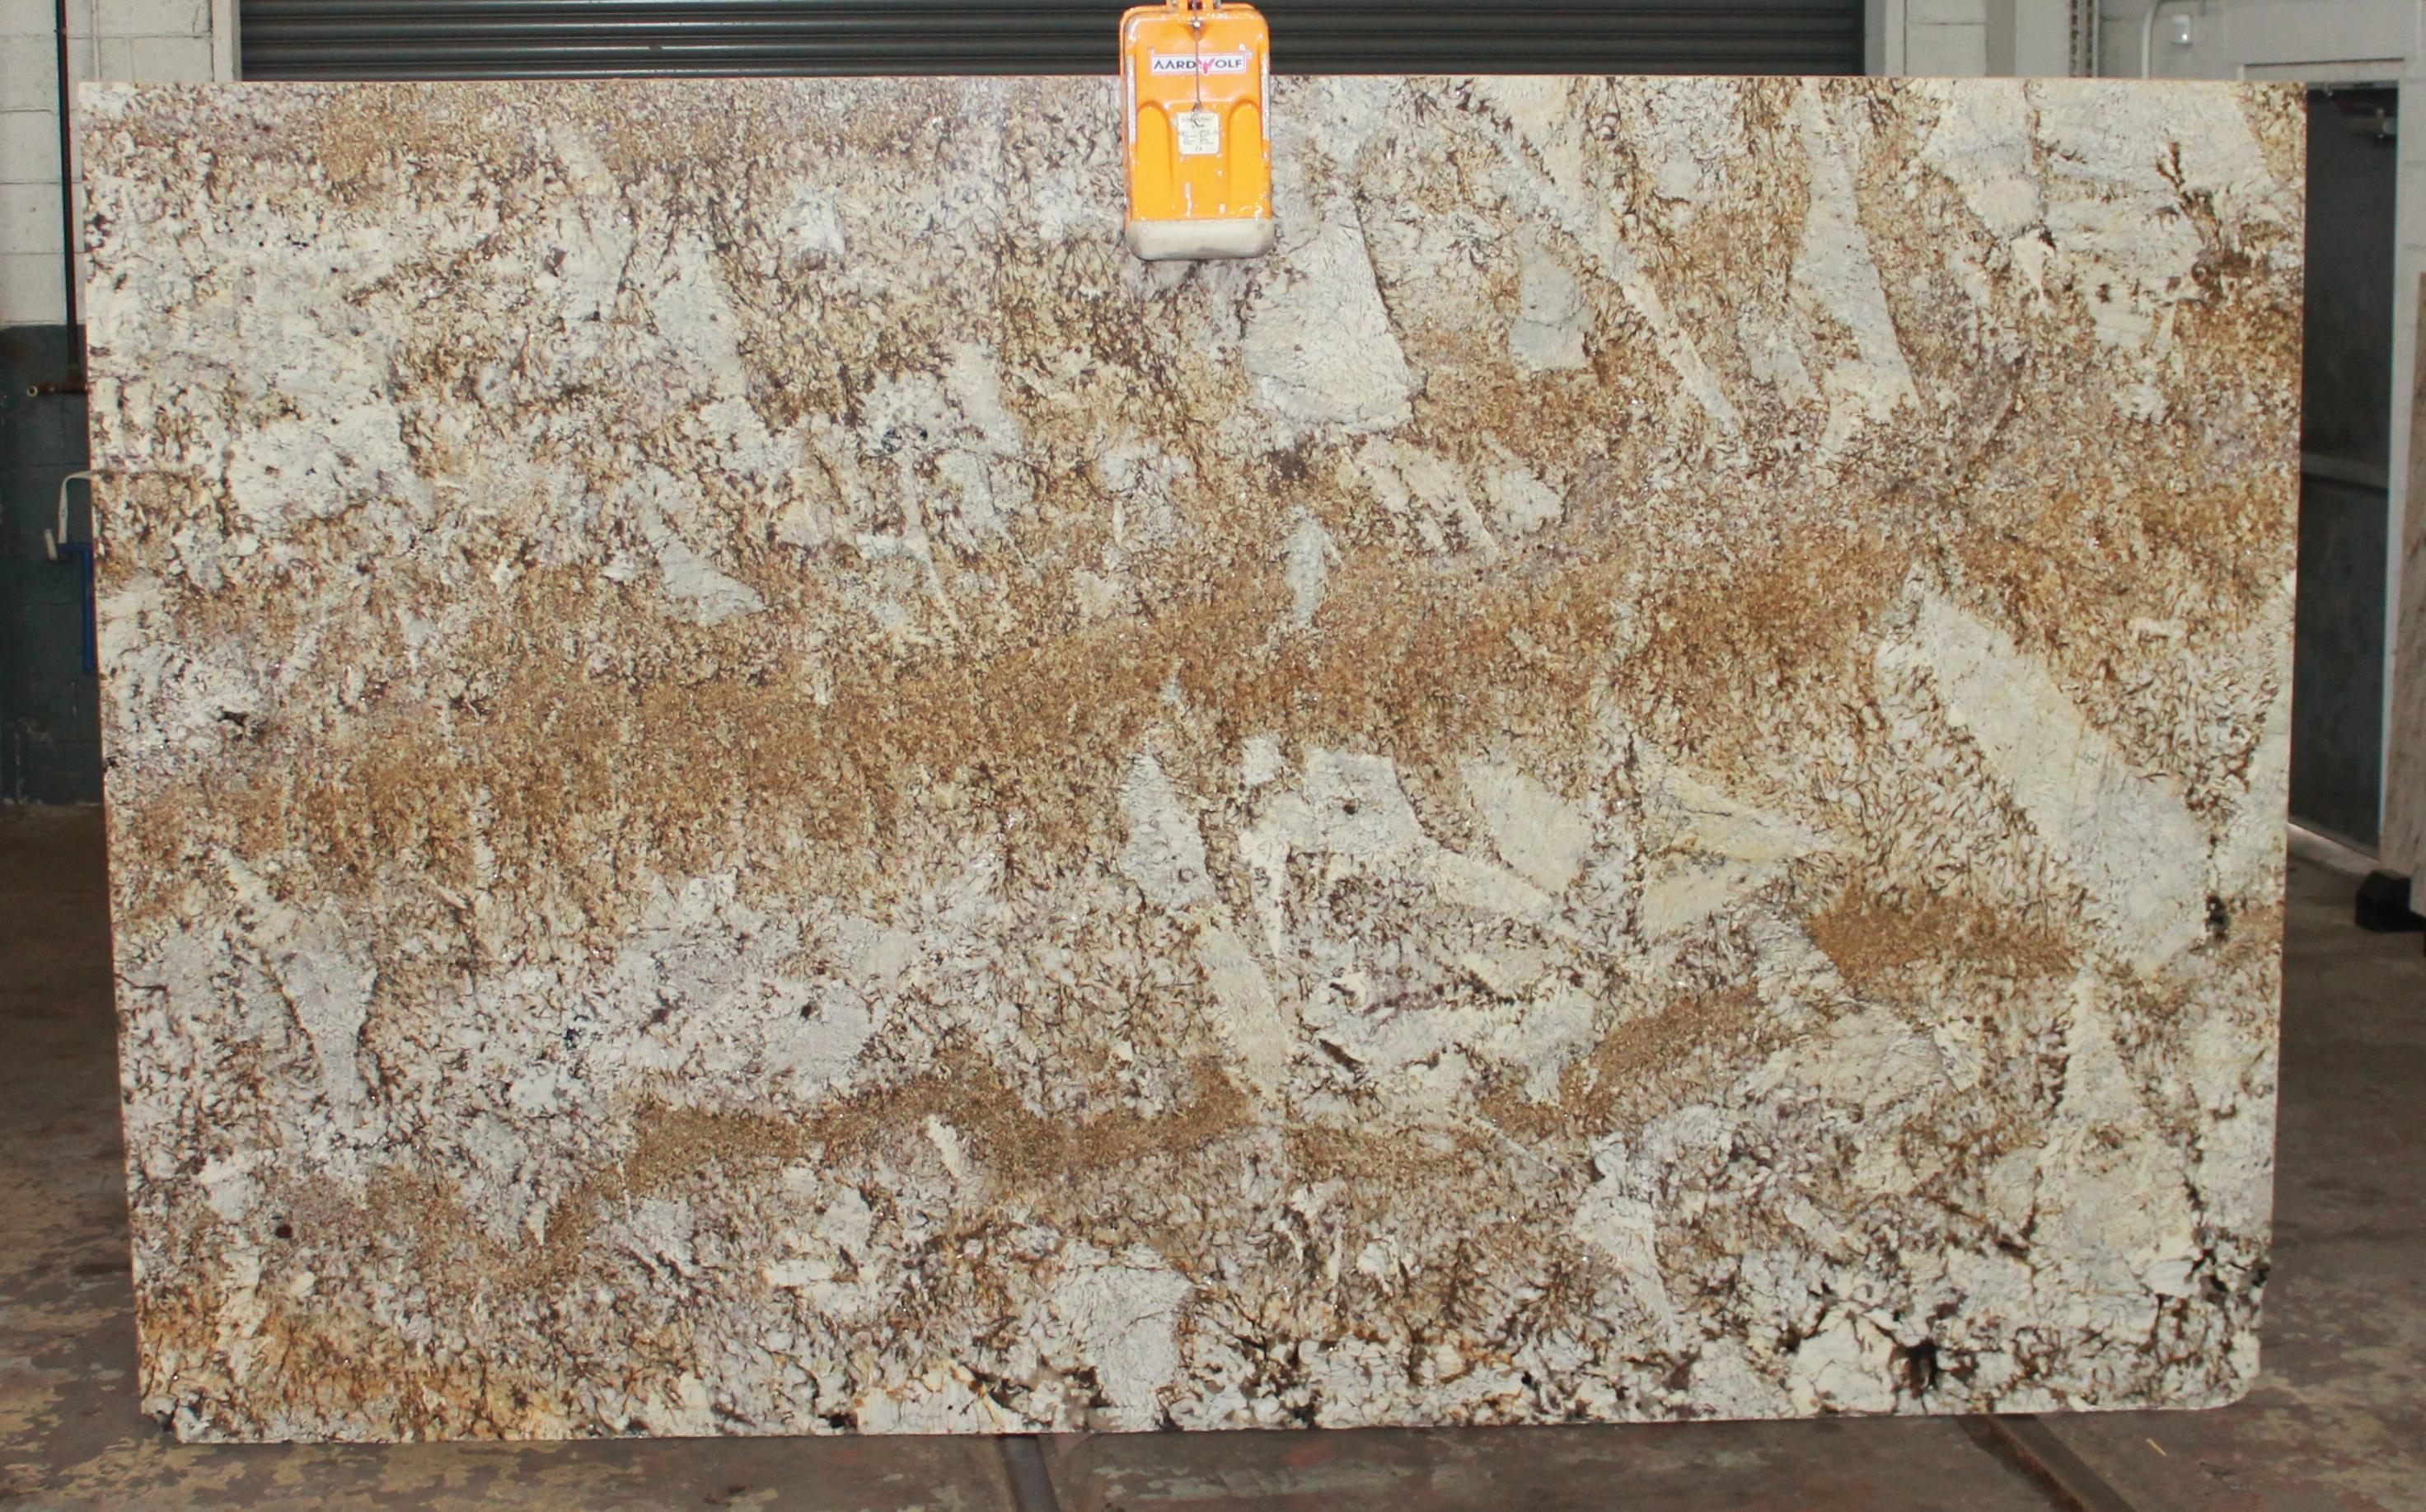 Desert Beach 94 131 215 71 Earth Stone Amp Tile Inc